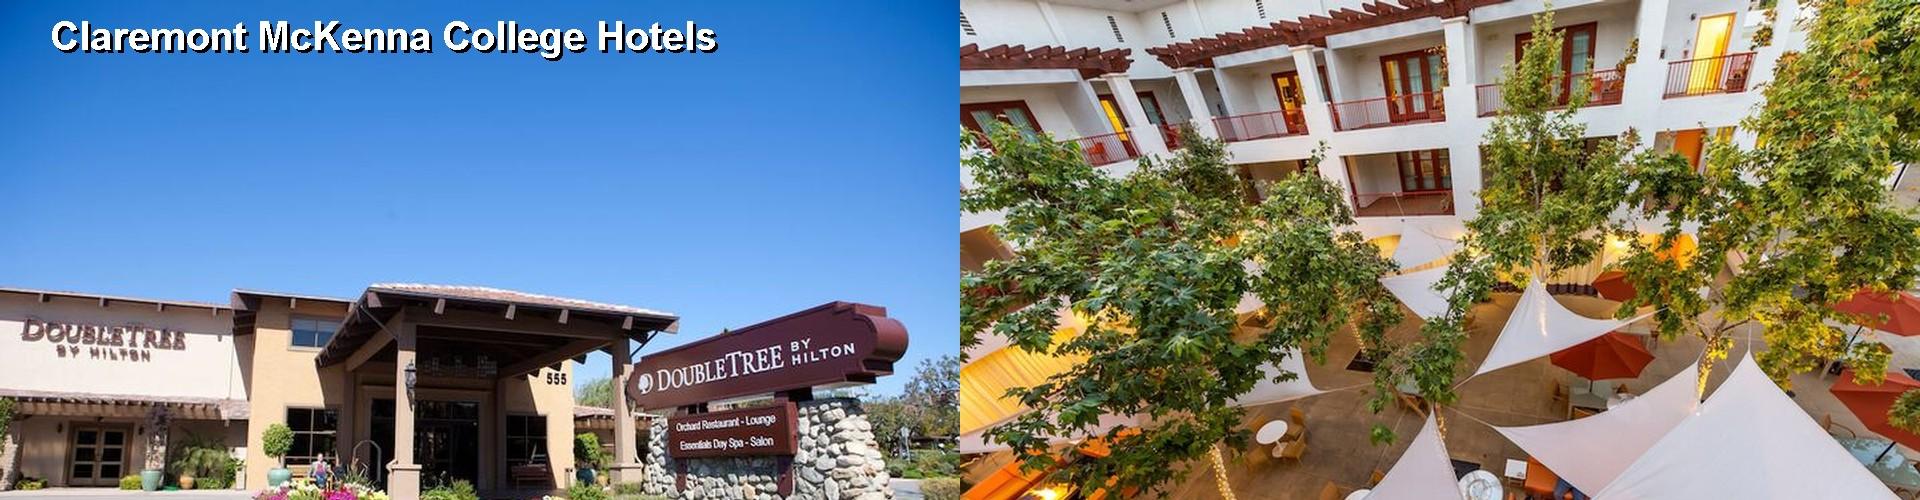 $47+ CLOSEST Hotels Near Claremont McKenna College CA